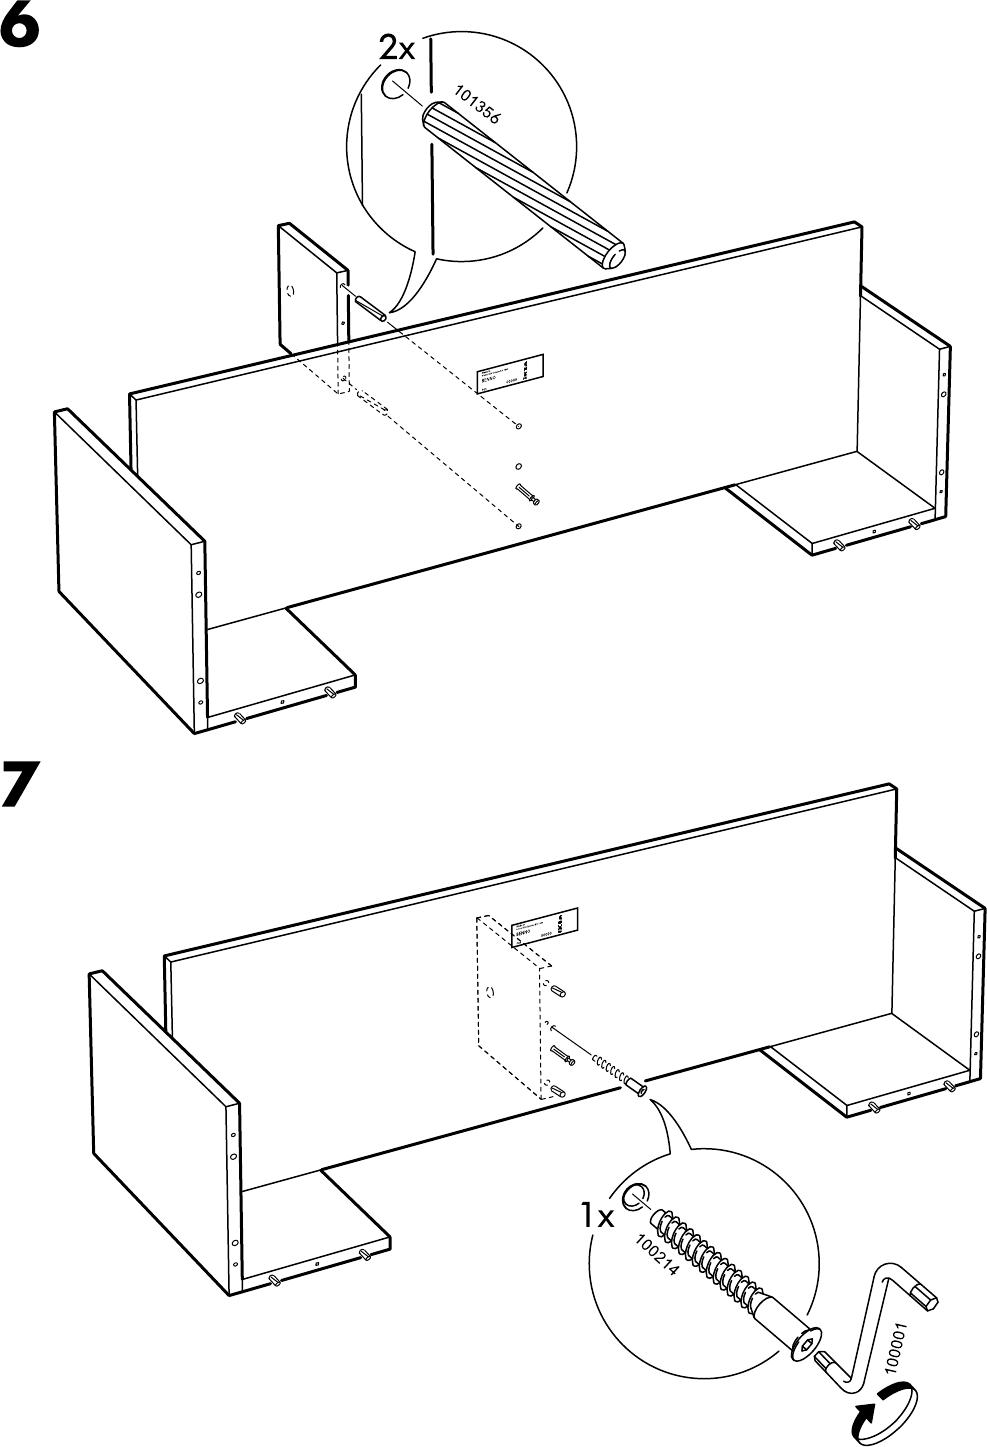 Benno Tv Meubel Ikea.Handleiding Ikea Benno Tv Meubel Op Wielen Pagina 7 Van 12 Alle